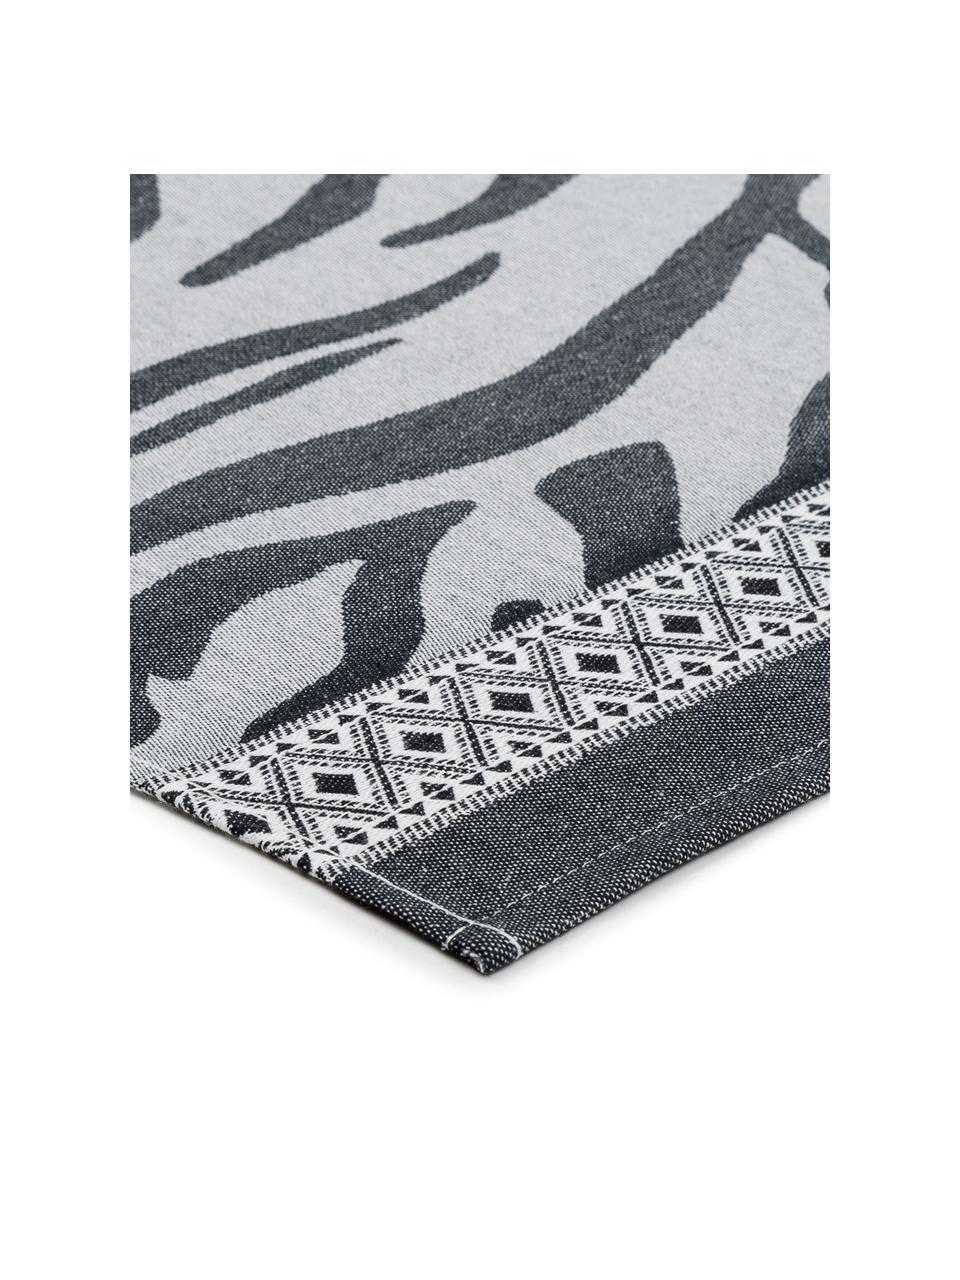 Baumwoll-Geschirrtücher Africa mit Zebramuster, 6 Stück, Baumwolle, Schwarz, Weiß, 60 x 65 cm